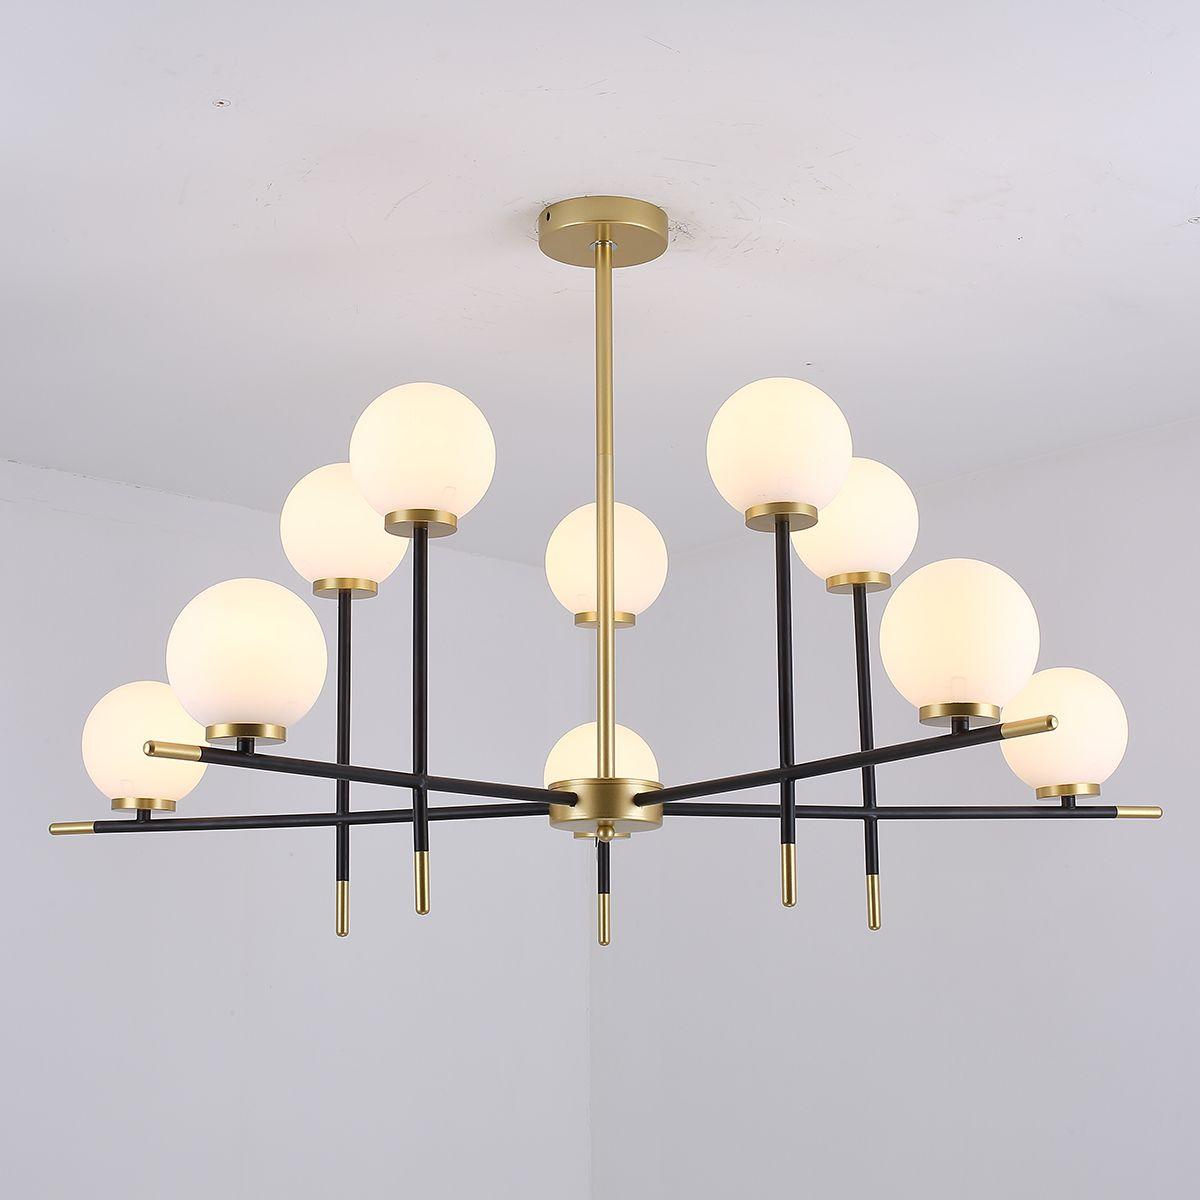 Kronleuchter moderne minimalistische kreative Persönlichkeit Restaurant Licht goldene magische Bohne Stehtisch Wohnzimmer Lampe Nordic Lampen